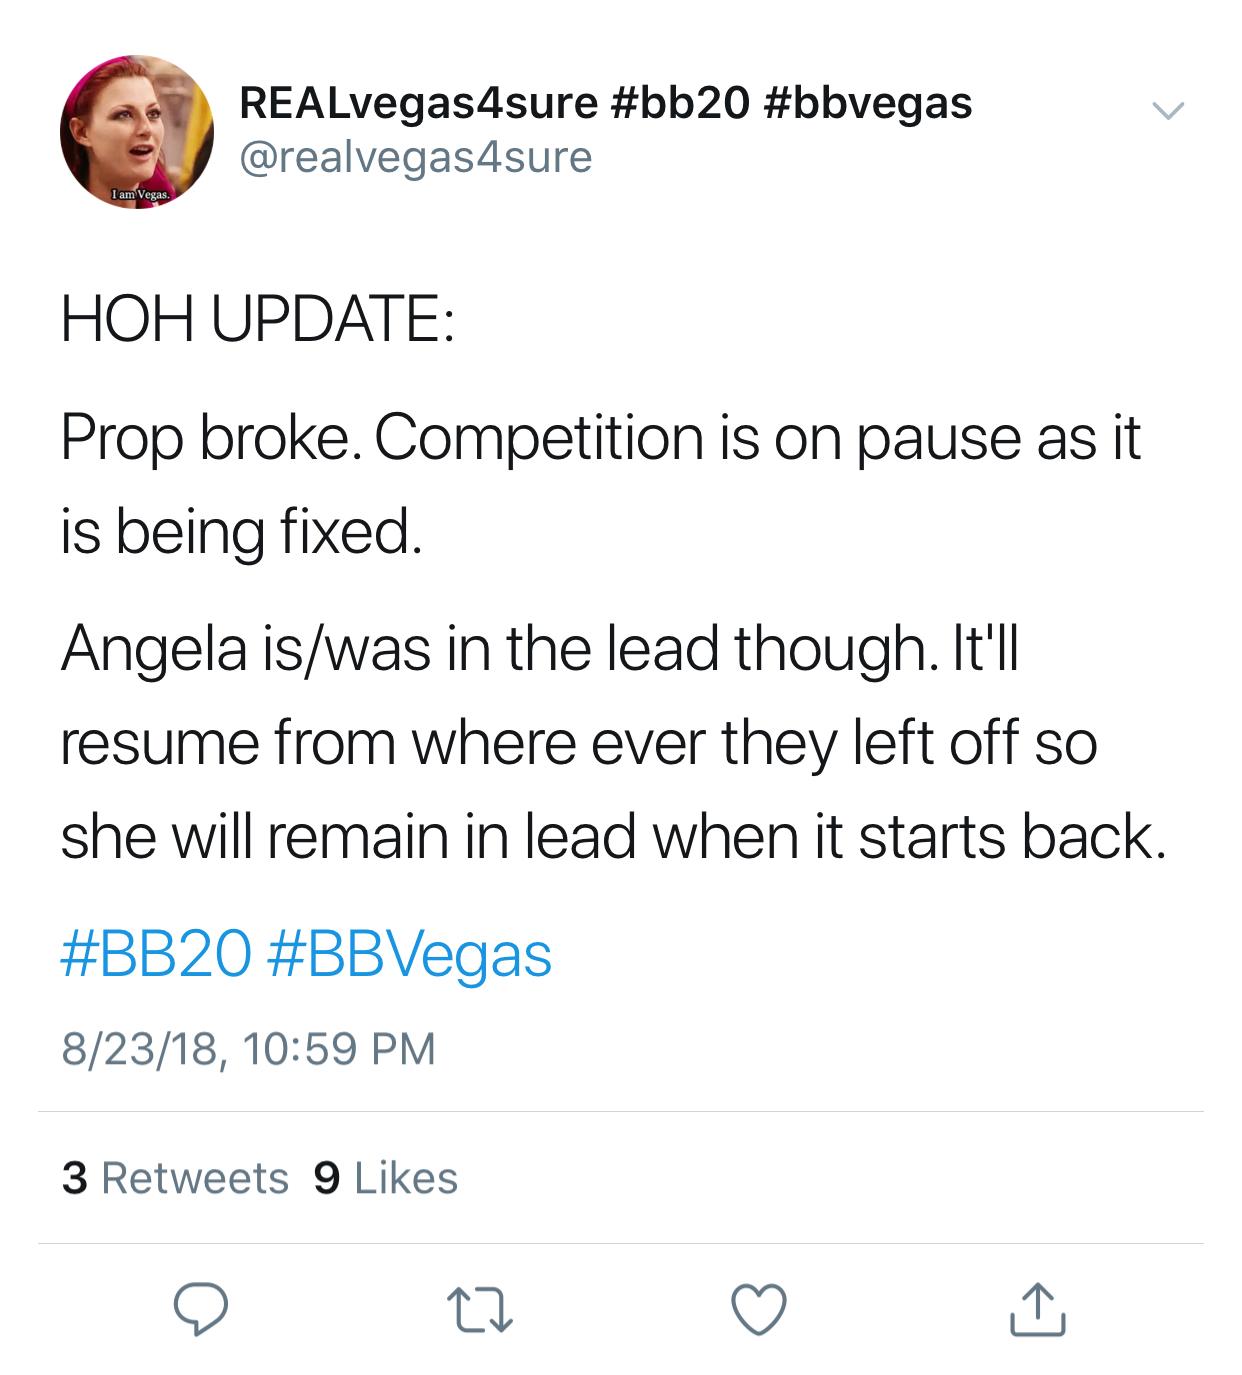 HOH Update